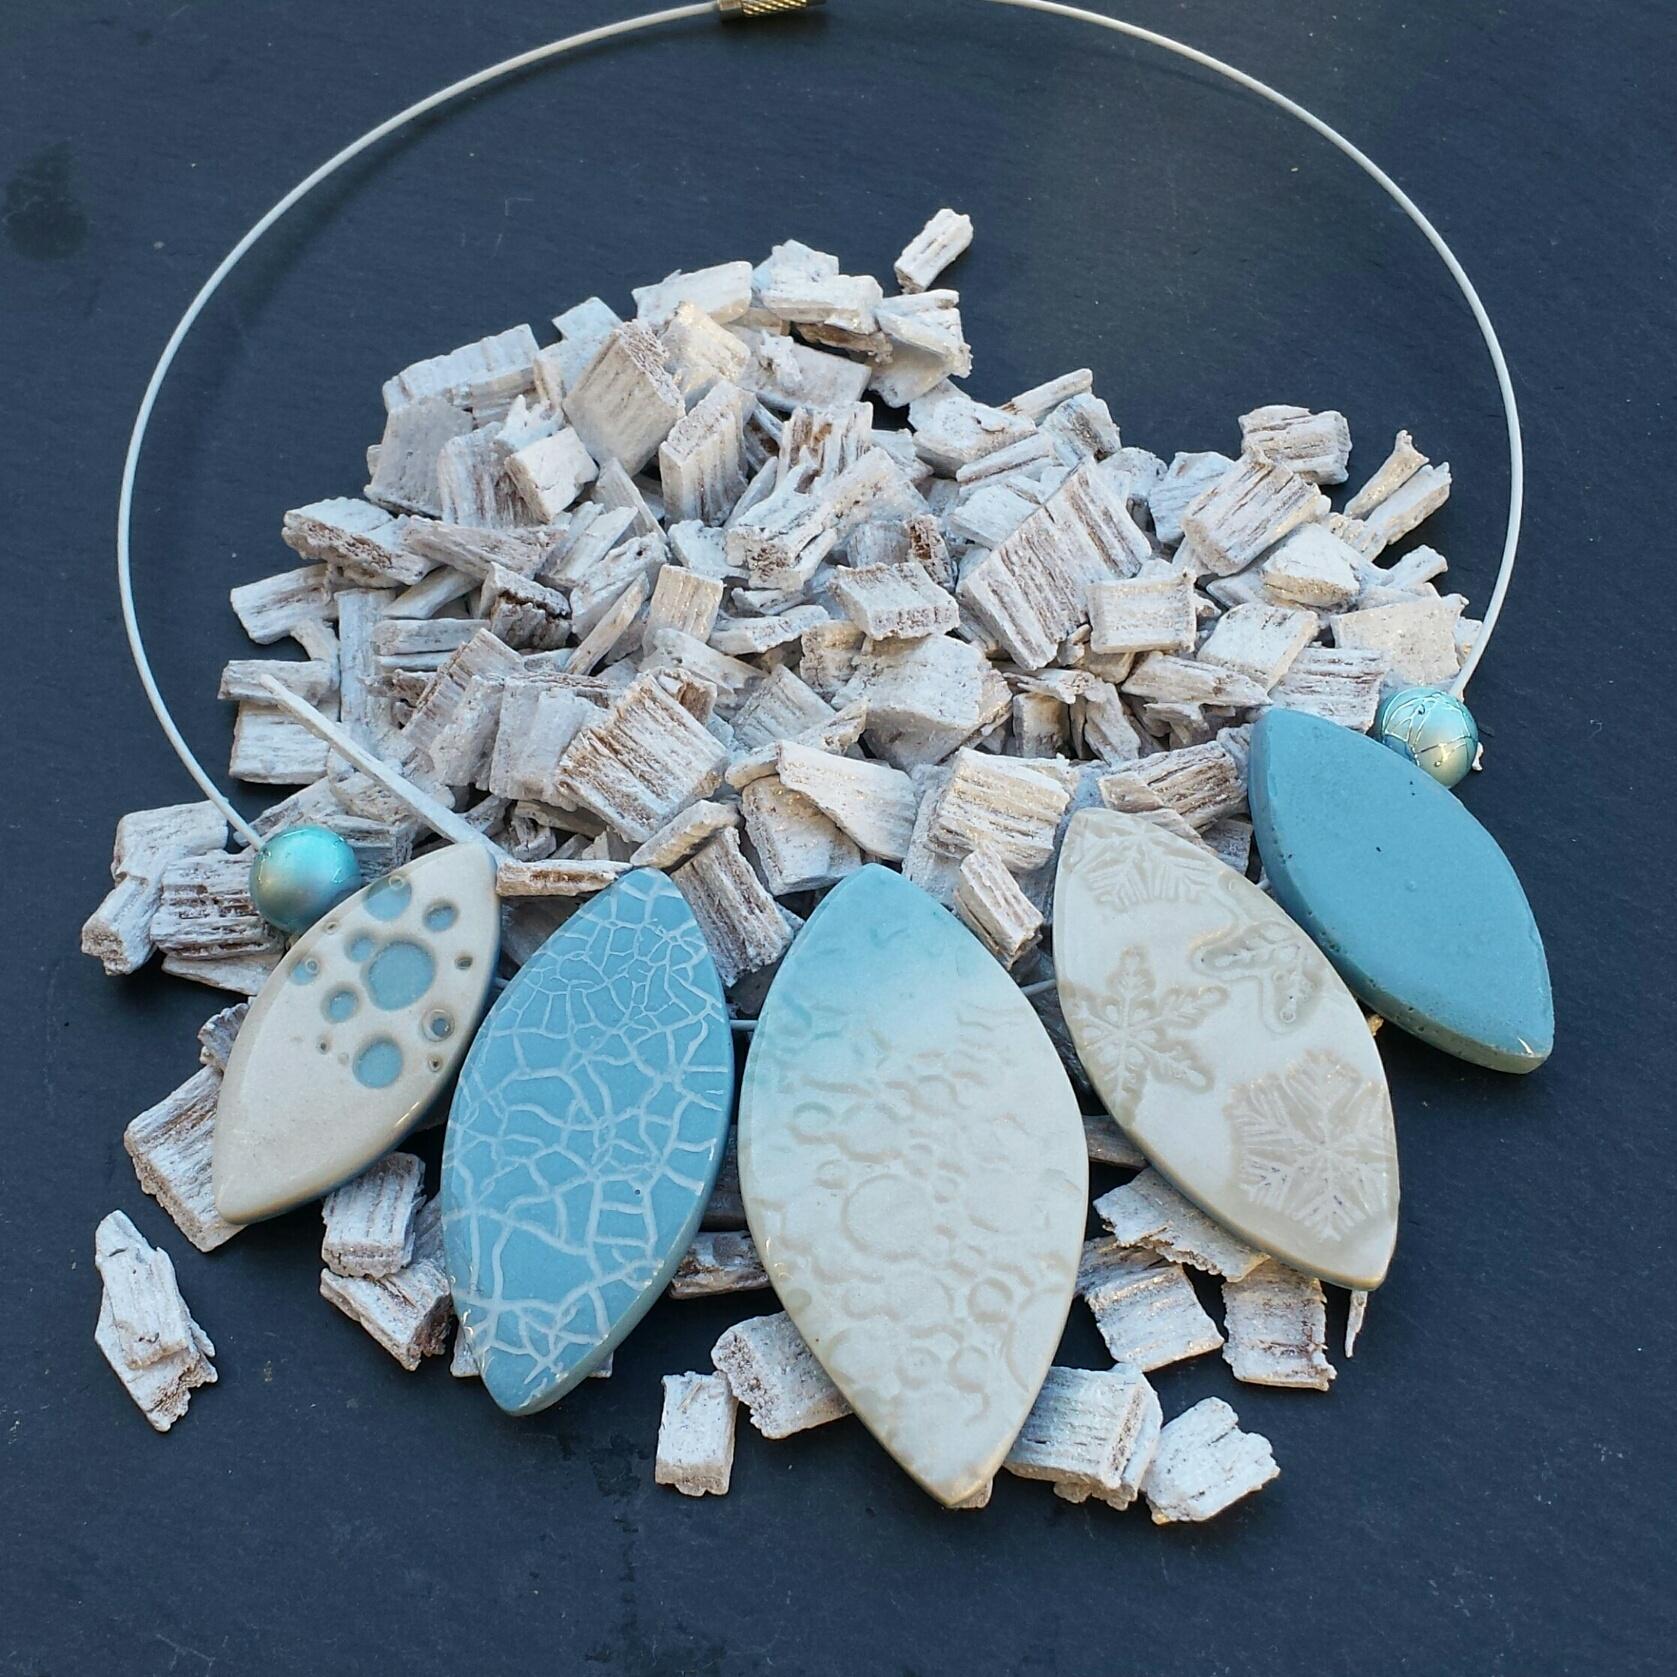 Julia et ses bijoux en fimo la vente priv e zodio chambourcy blog z dio - Zodio chambourcy atelier cuisine ...